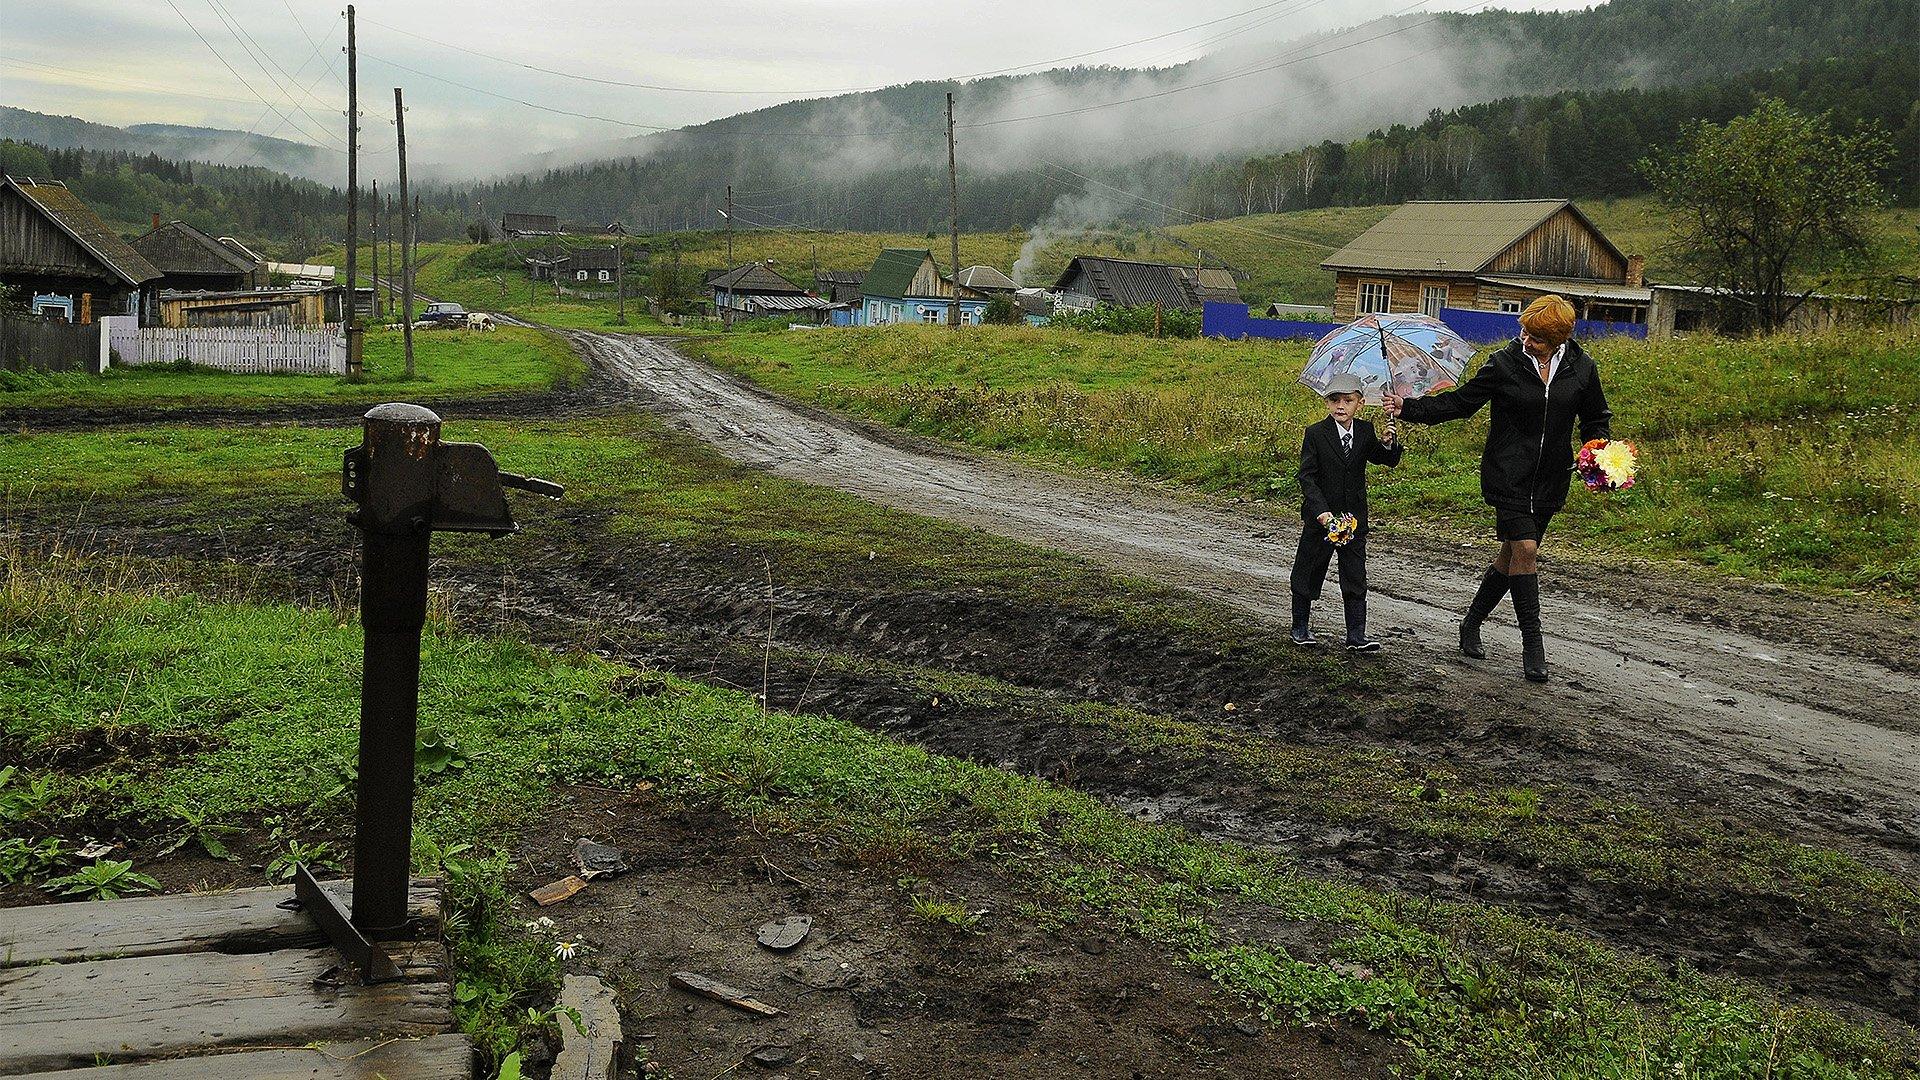 Сельская местность - это что такое? особенности, проблемы и перспективы развития :: businessman.ru